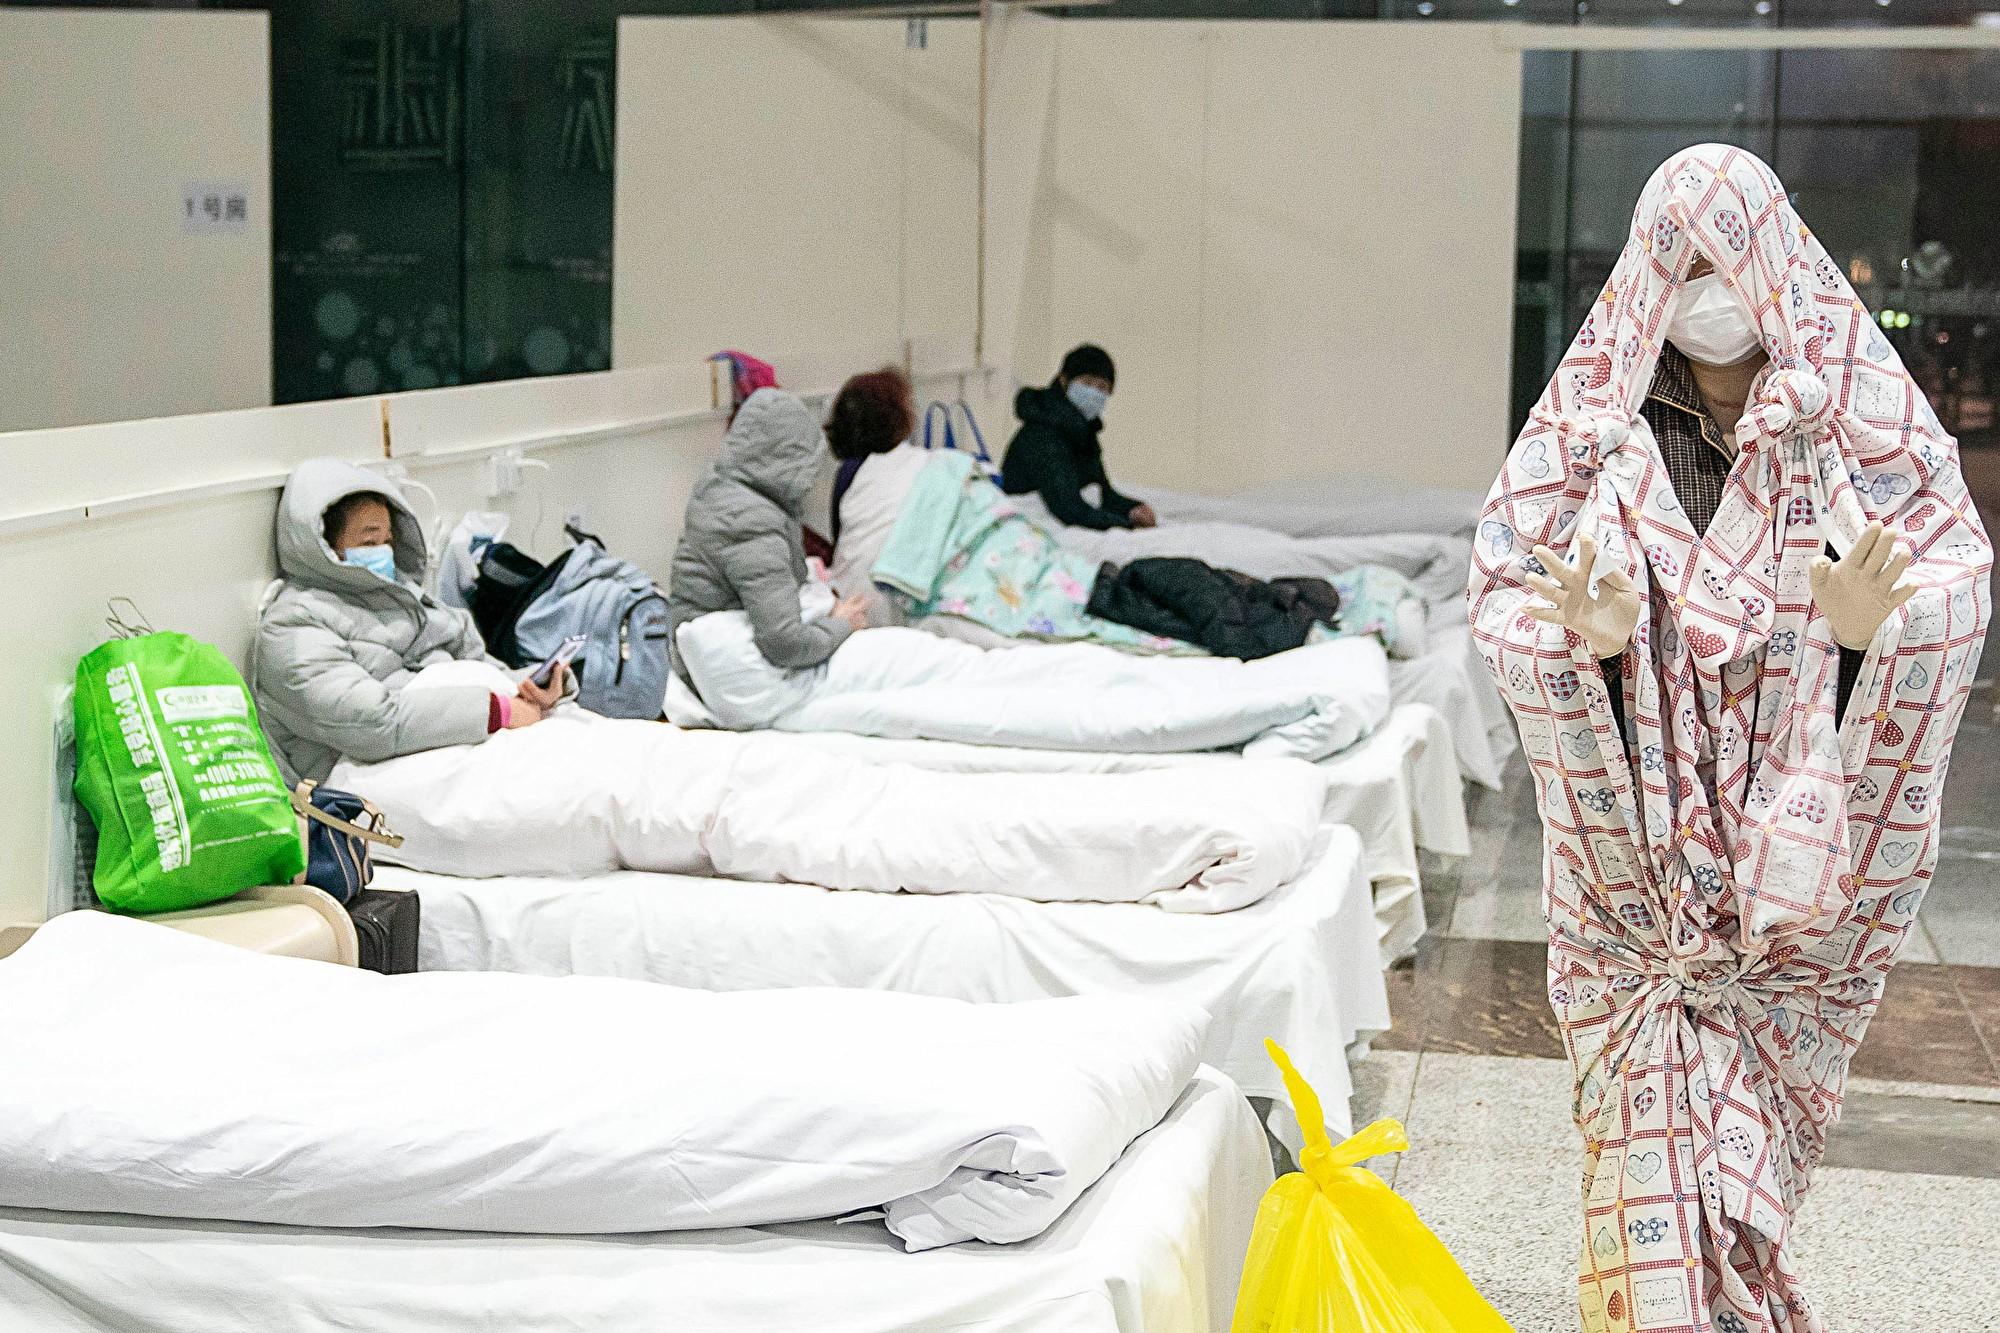 對疫情絕望的中國人在高樓撒錢 鈔票滿天飛